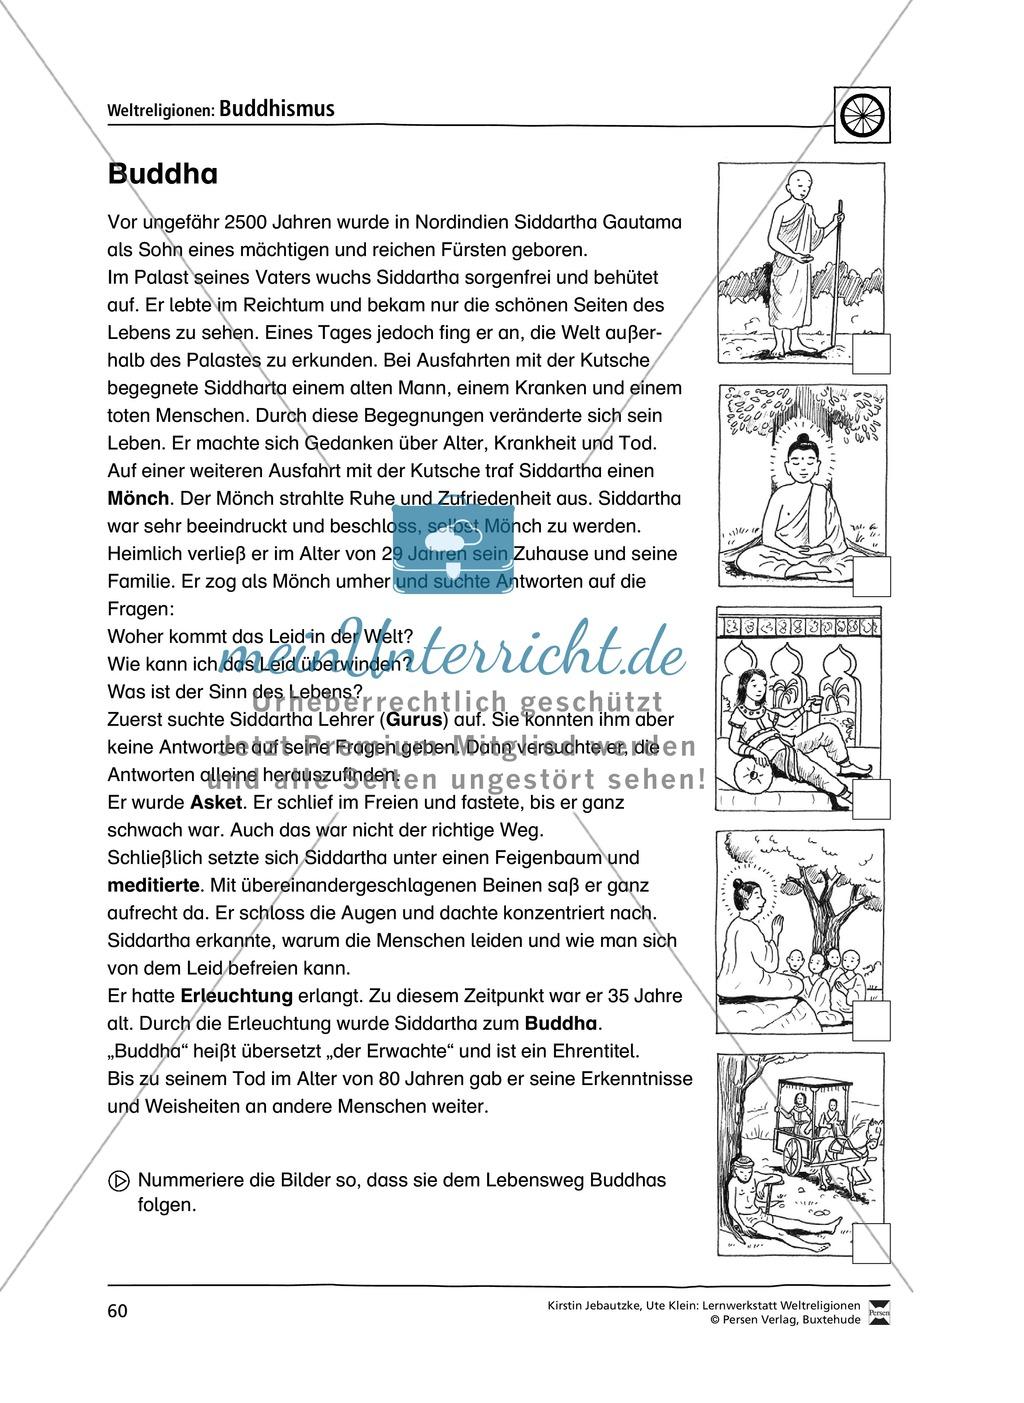 Unterrichtsmaterial zum Buddhismus - mit Infomaterial zu Buddha, Regeln, Stupas und Tempel, Feiertagen uvm. Preview 2